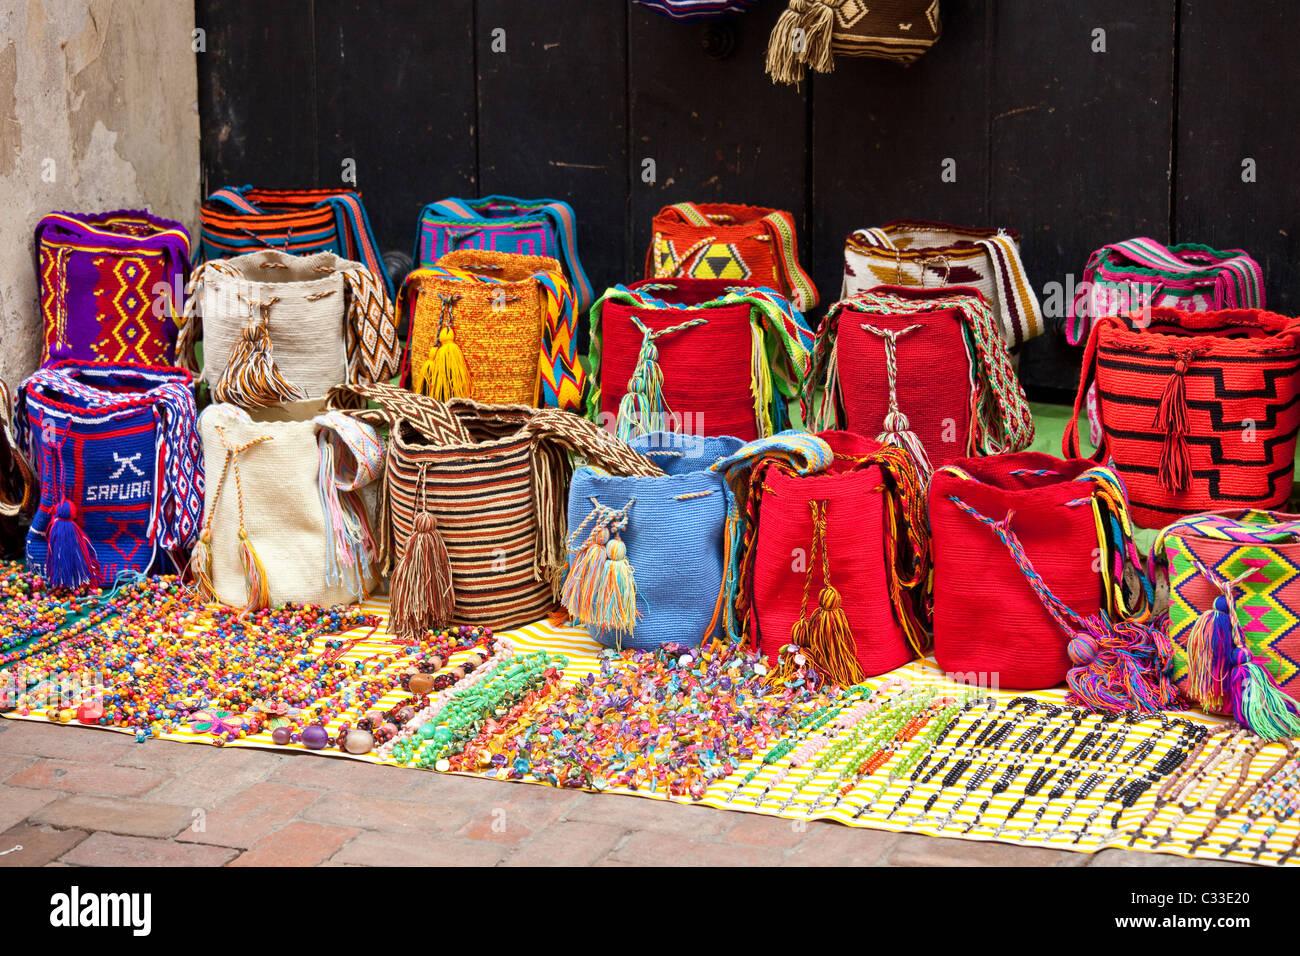 souvenir taschen in der altstadt cartagena kolumbien stockfoto bild 36341592 alamy. Black Bedroom Furniture Sets. Home Design Ideas